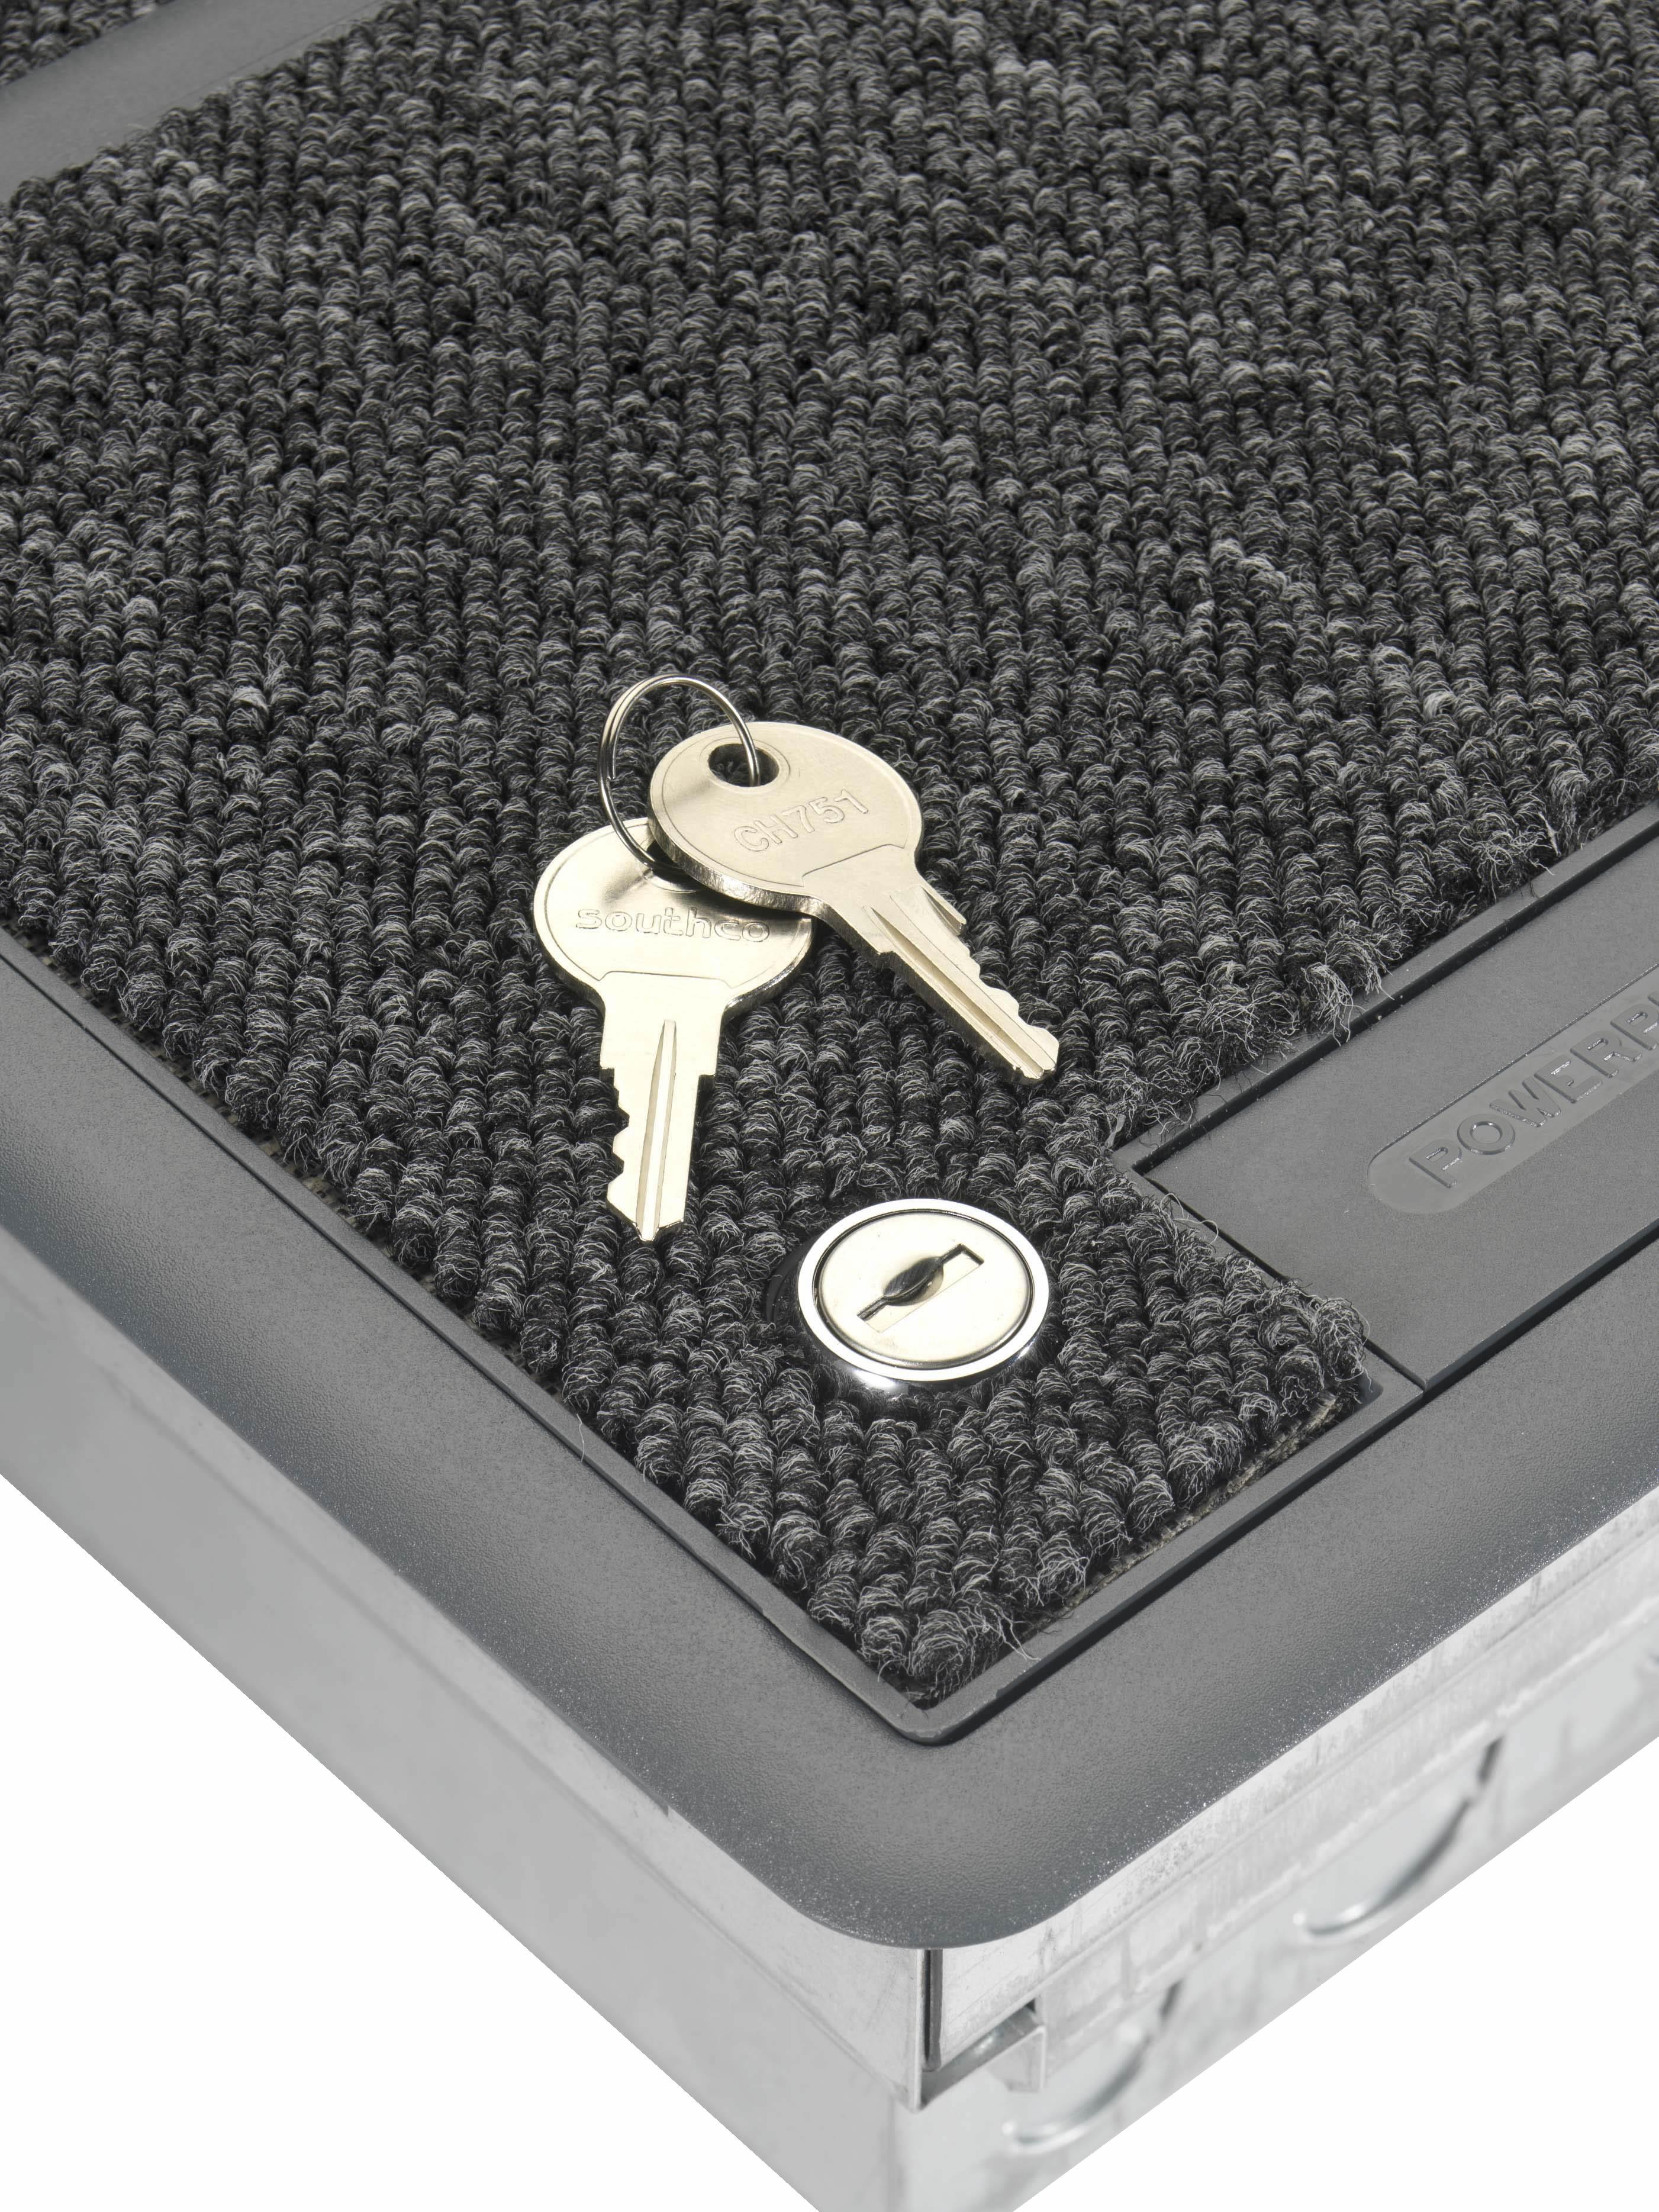 Floorbox Lockable Lid Option Cmd Ltd